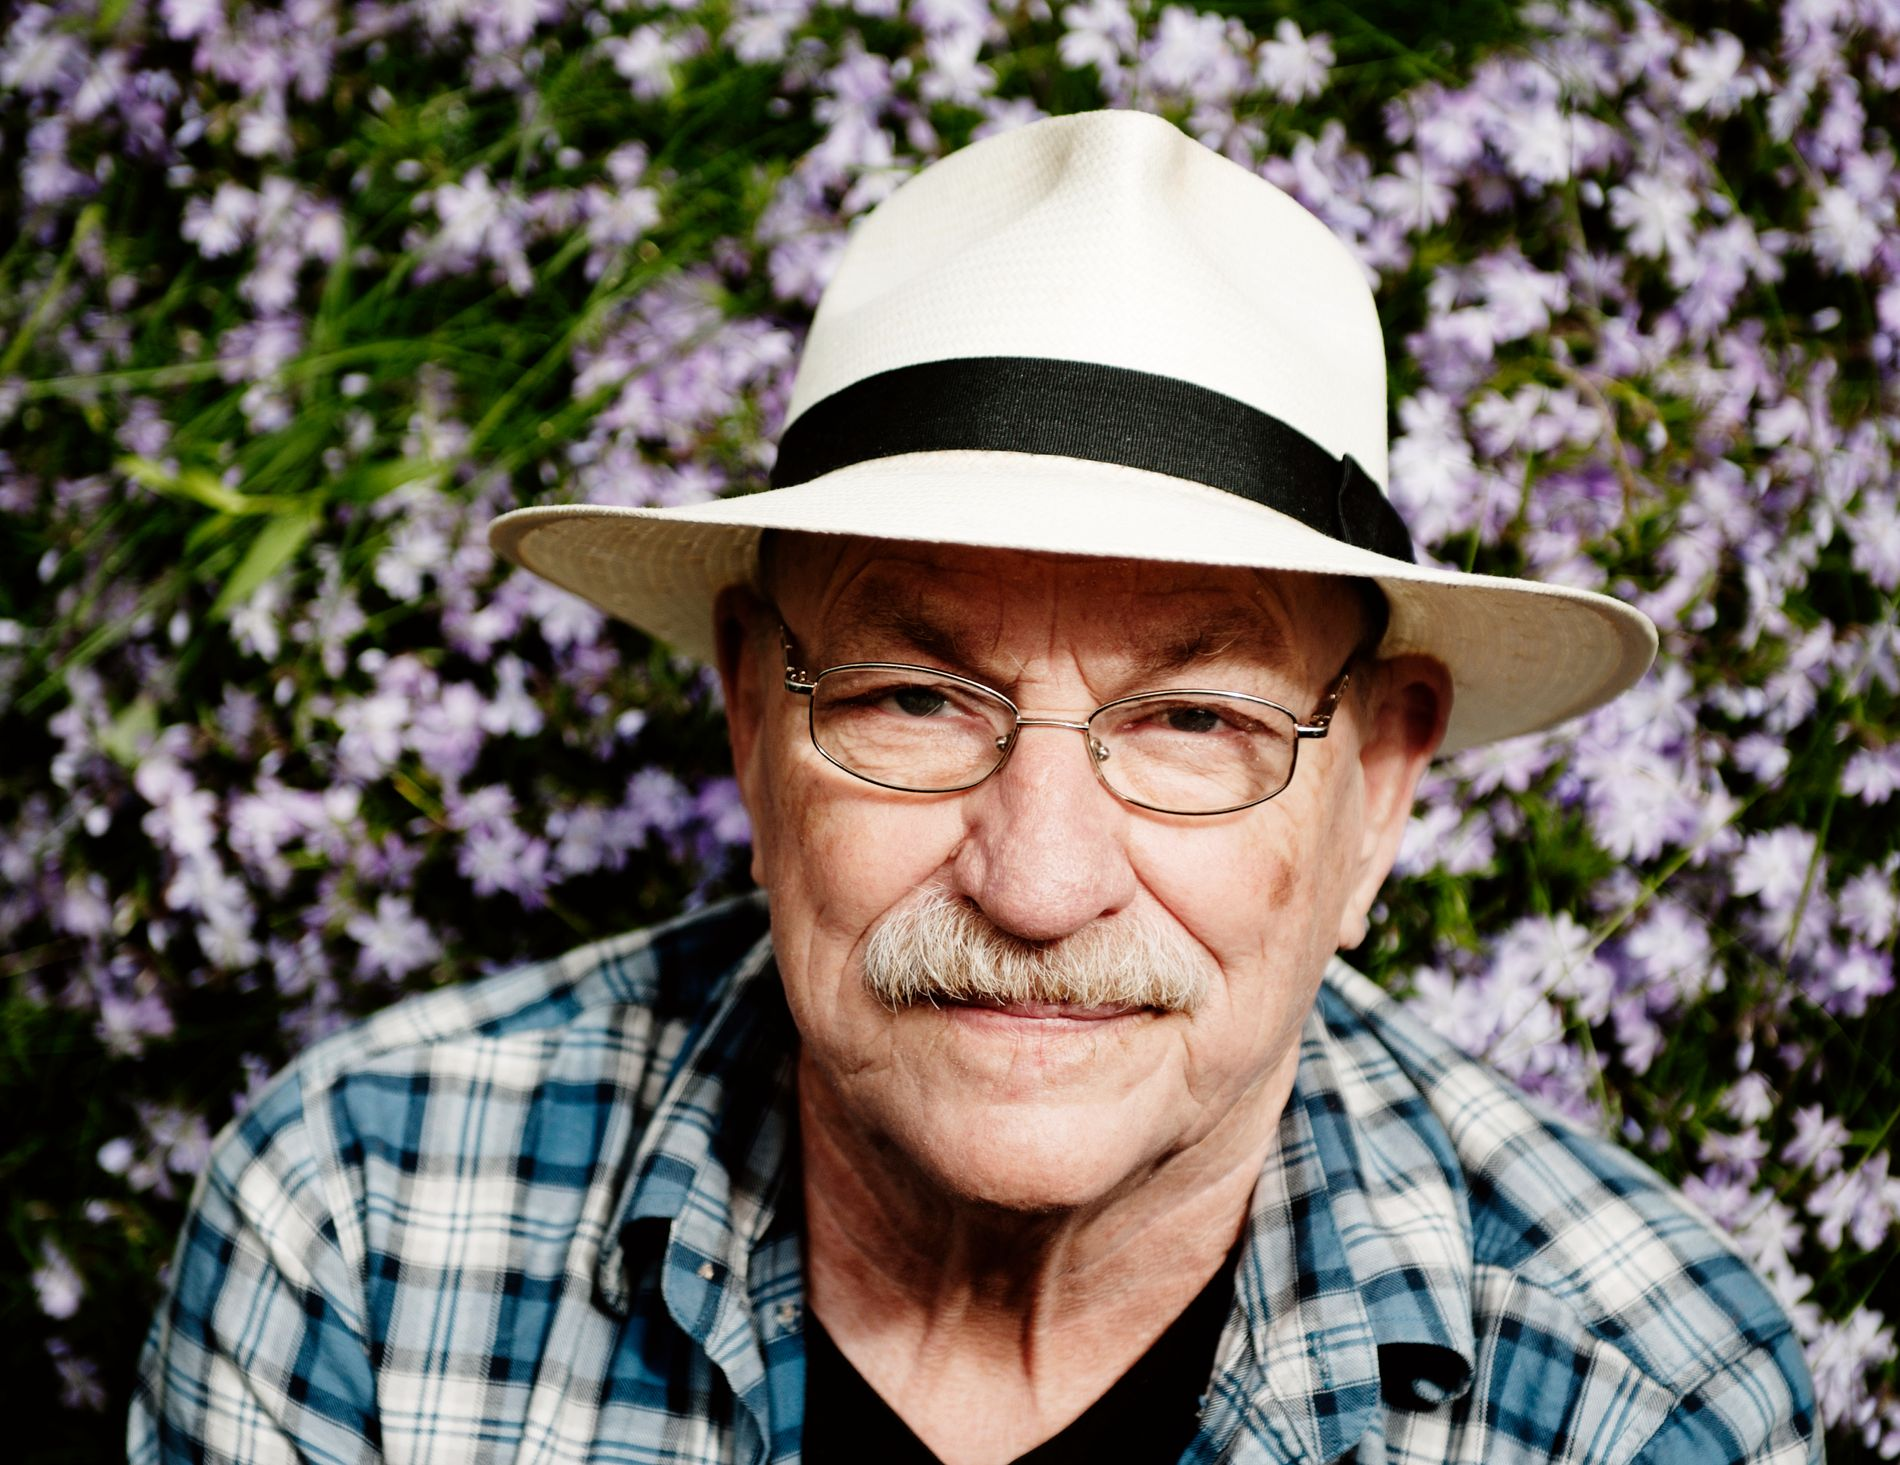 SKREVET I HEMMELIGHET: Gert Nygårdshaug (72) overrasker alle med en oppfølger til «Mengele Zoo» (1989), «Himmelblomstreets muligheter» (1995), og «Afrodites basseng» (2003) og «Chimera» (2914). De fire bøkene har et totalopplag på 450.000 eksemplarer.